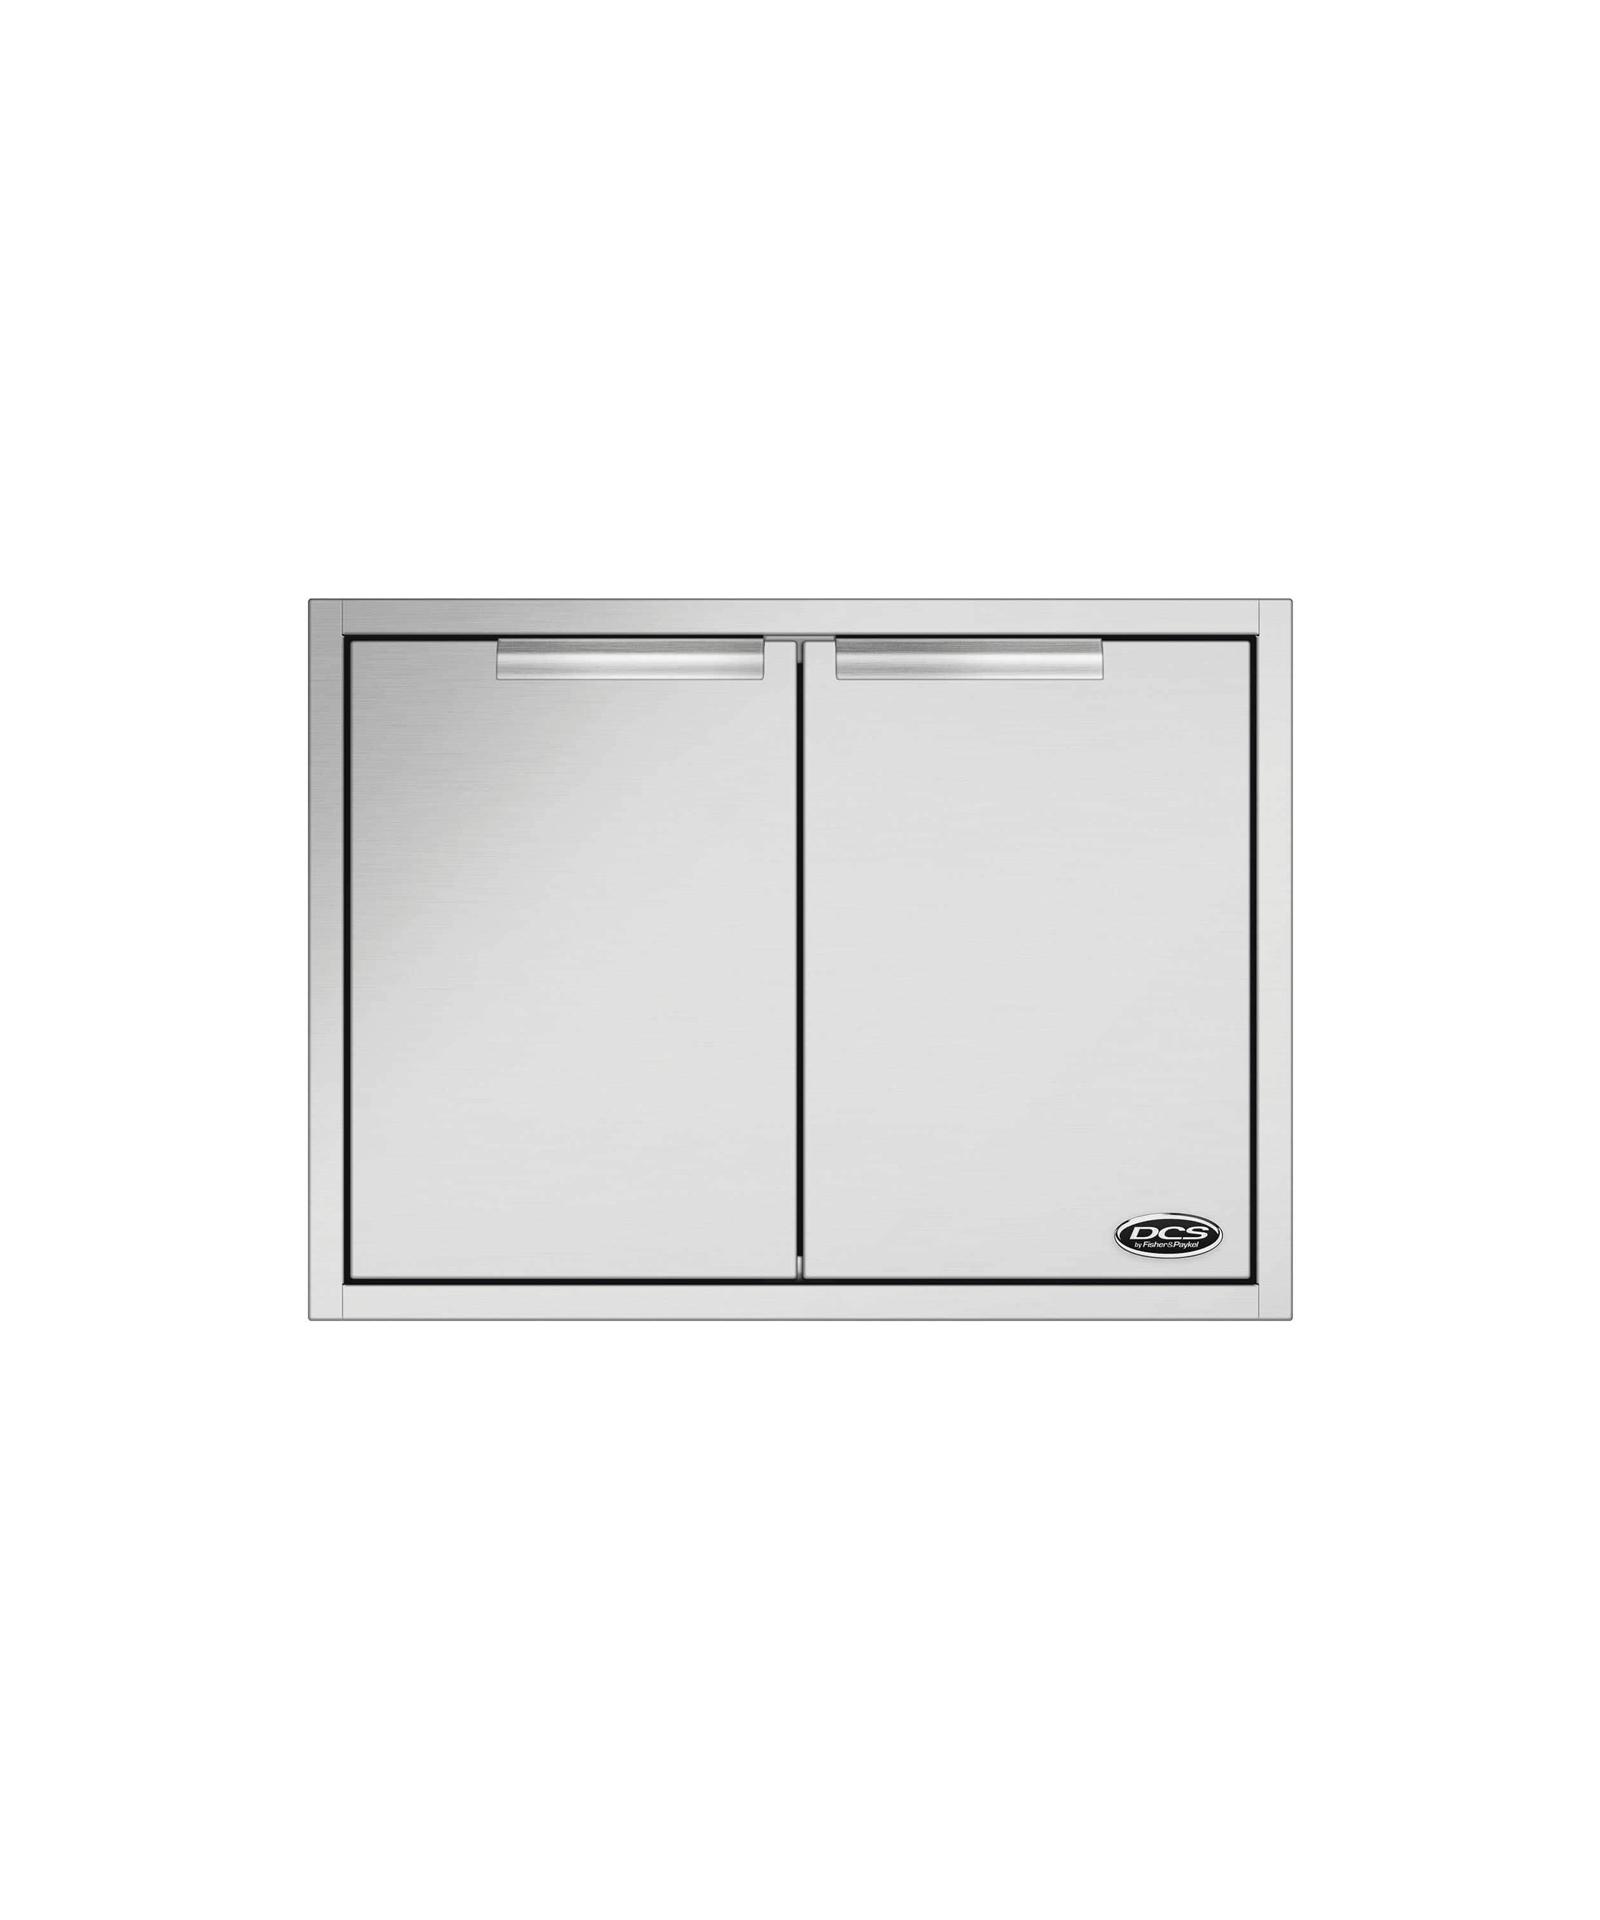 DCS Access Doors Built-in